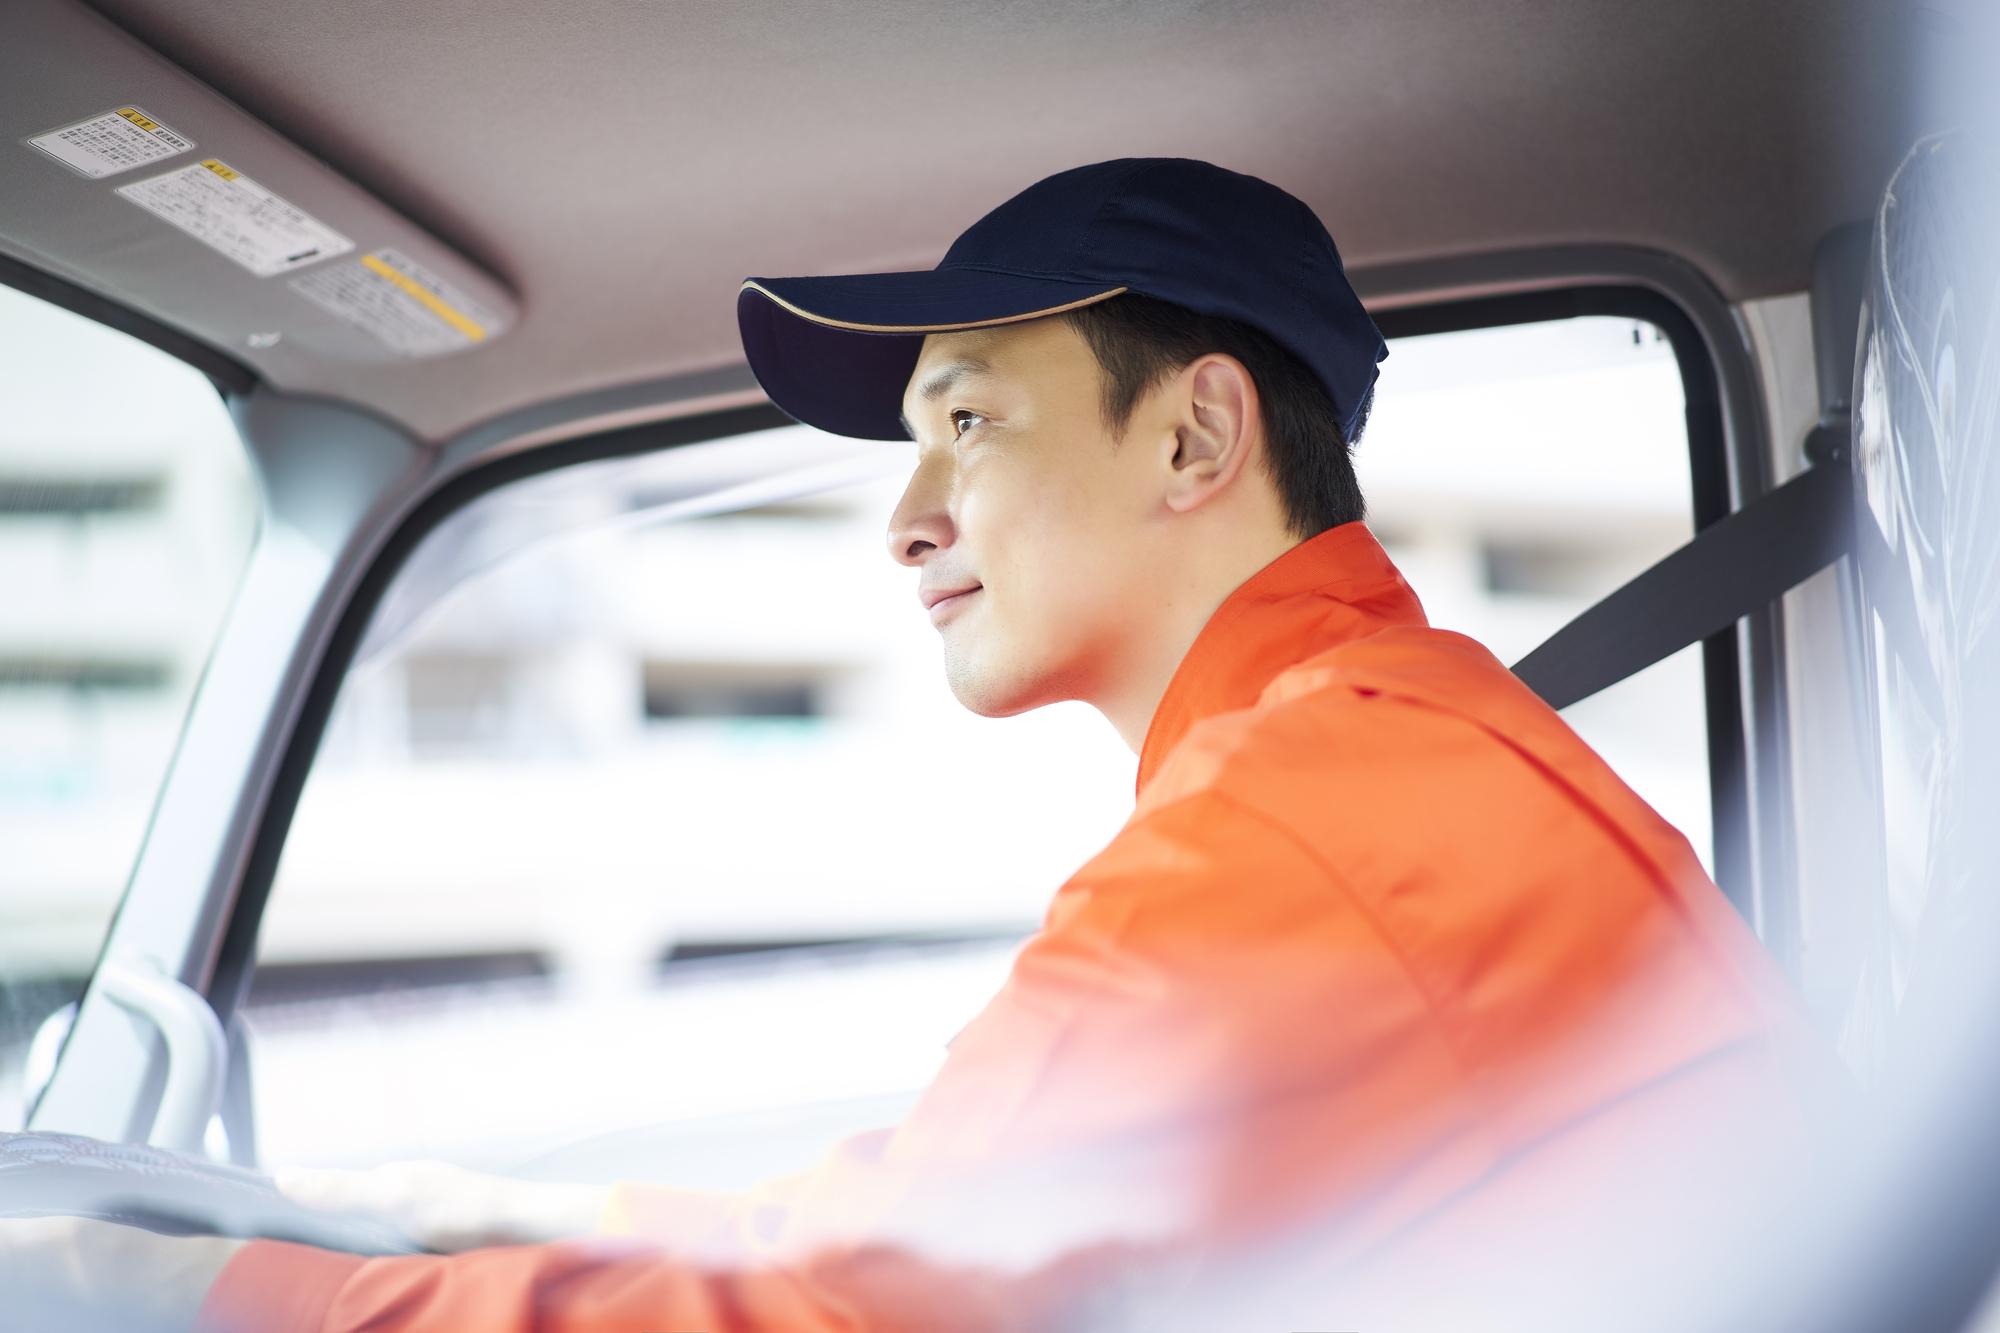 シェルリムラR6LMの利用にご満足しているトラック運転手のイメージ図